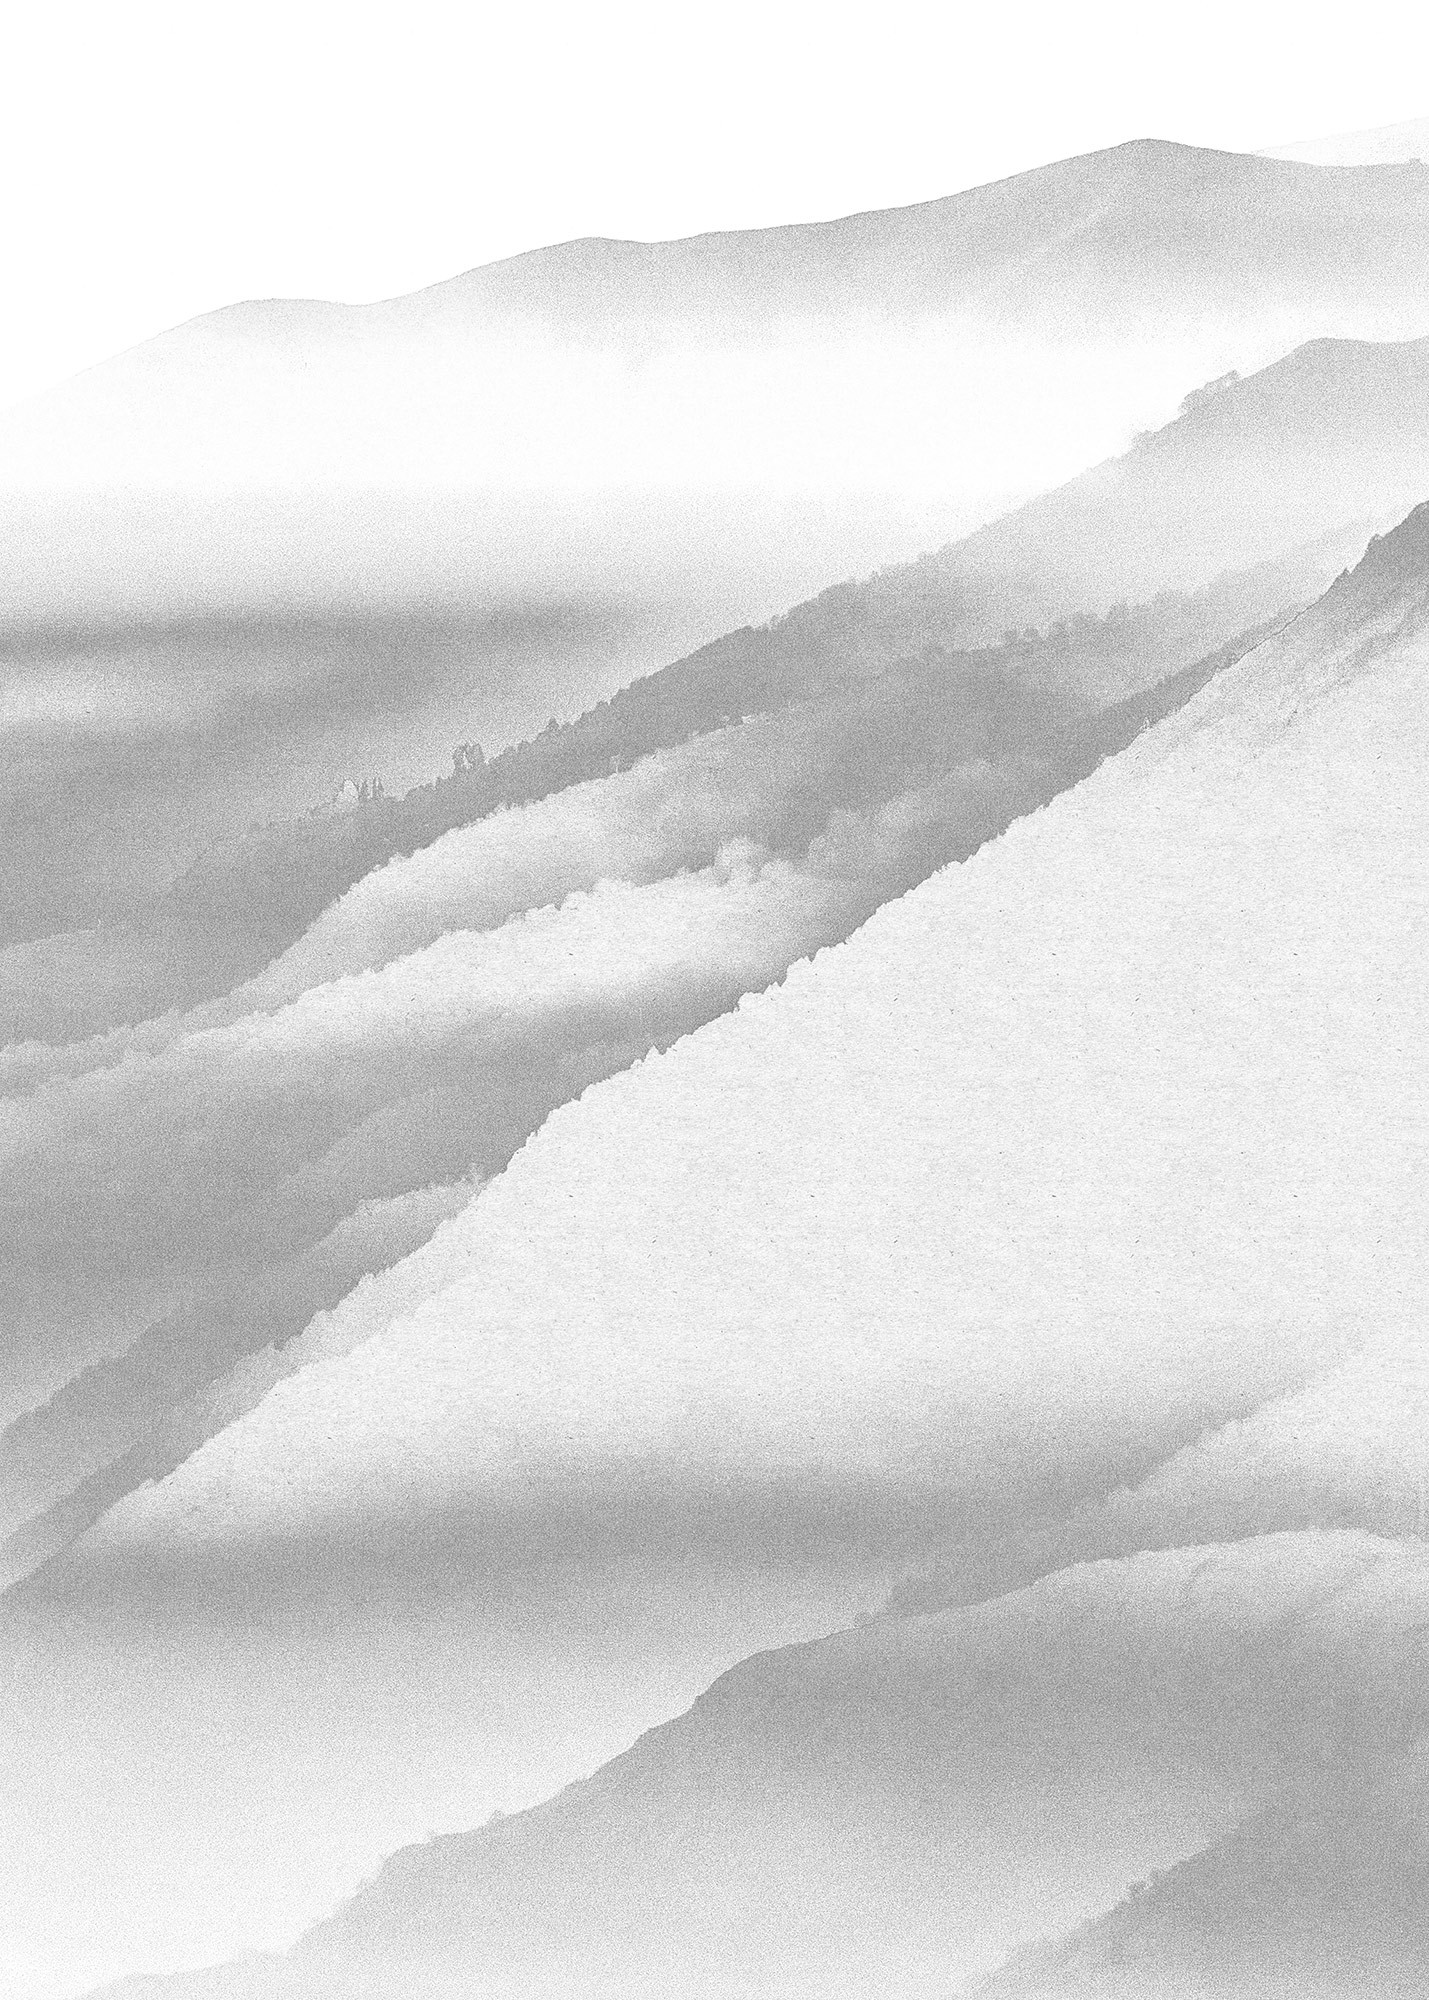 White Noise Mountain